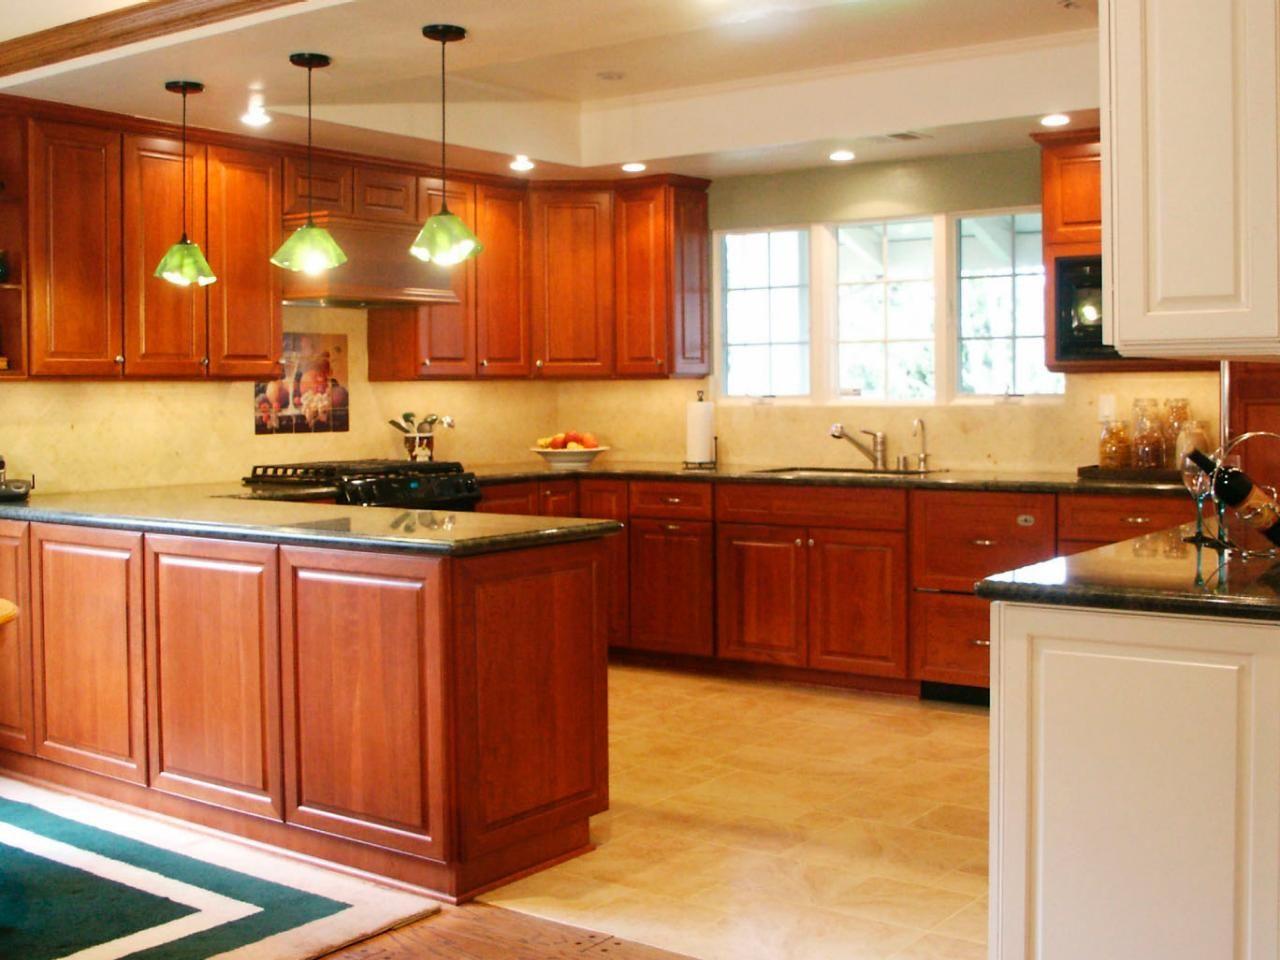 Kitchen Layout Templates: 6 Different Designs   Kitchen Designs - Choose Kitchen Layouts & Remodeling Materials   HGTV